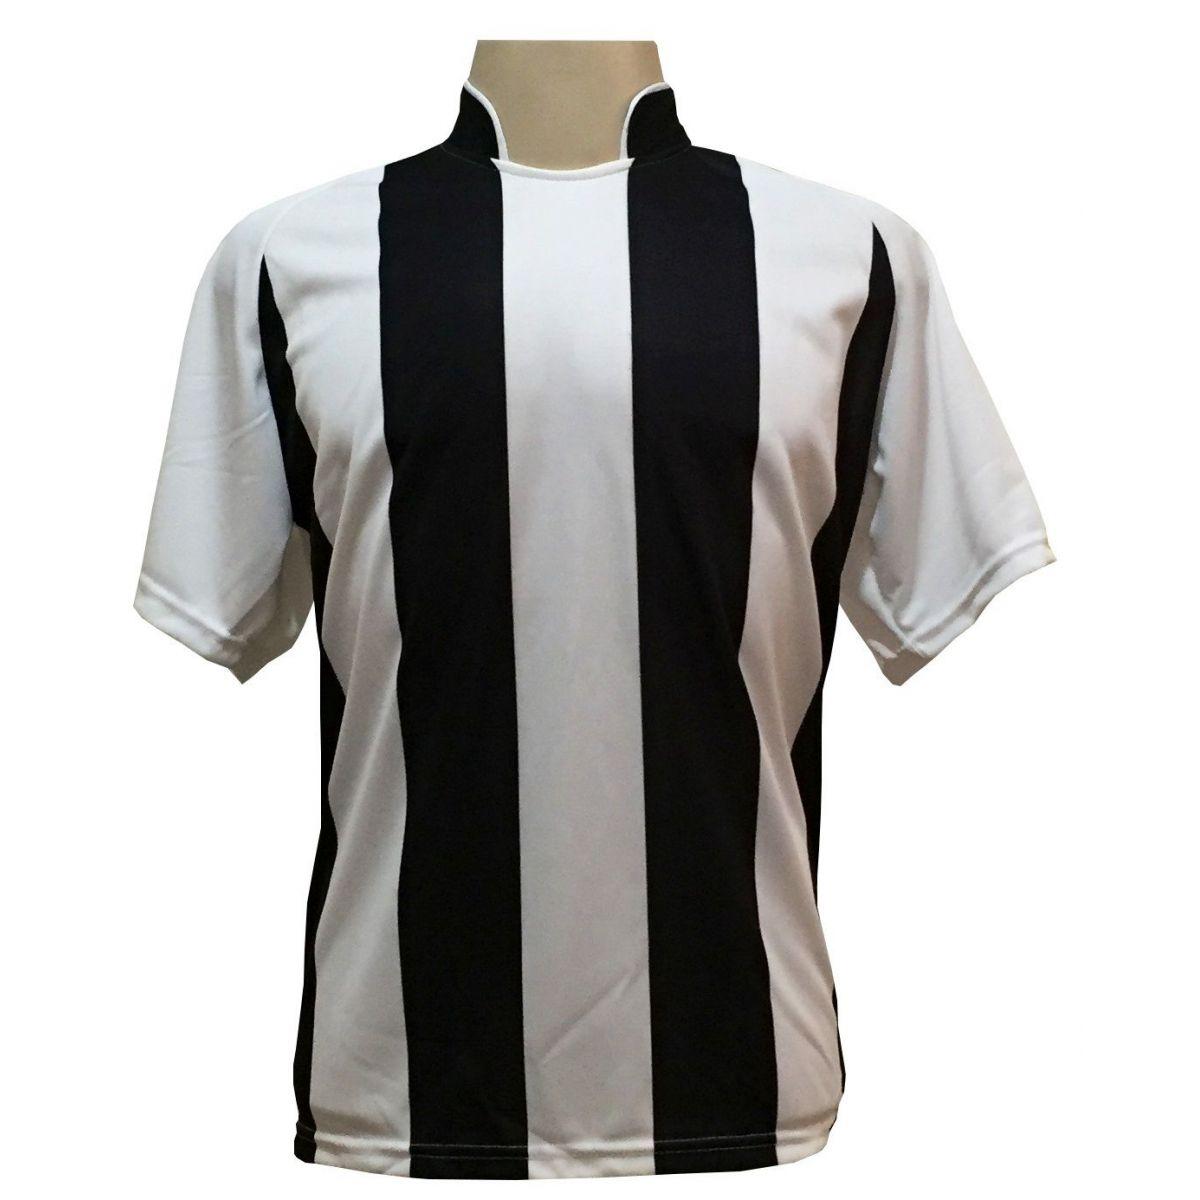 Uniforme Esportivo com 12 Camisas modelo Milan Branco/Preto + 12 Calções modelo Copa Preto/Branco